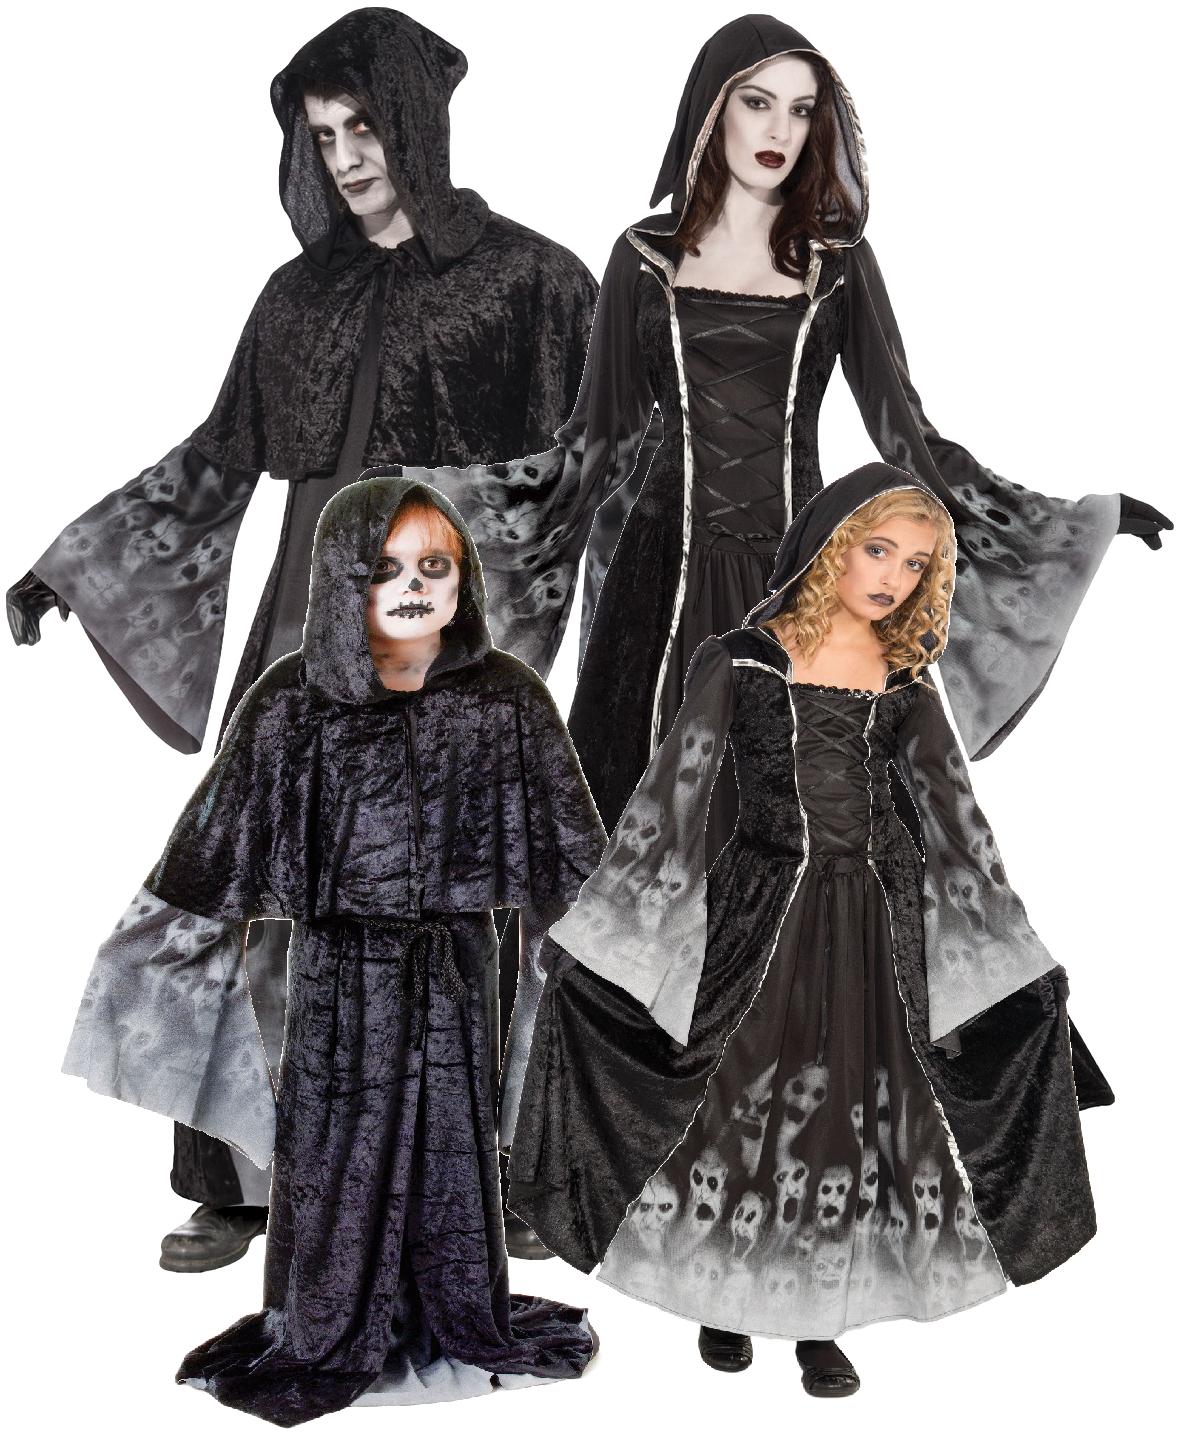 Halloween Gruppo.Dettagli Su Famiglia Uomo Donna Bambini Mietitore Halloween Gruppo Costume Vestito